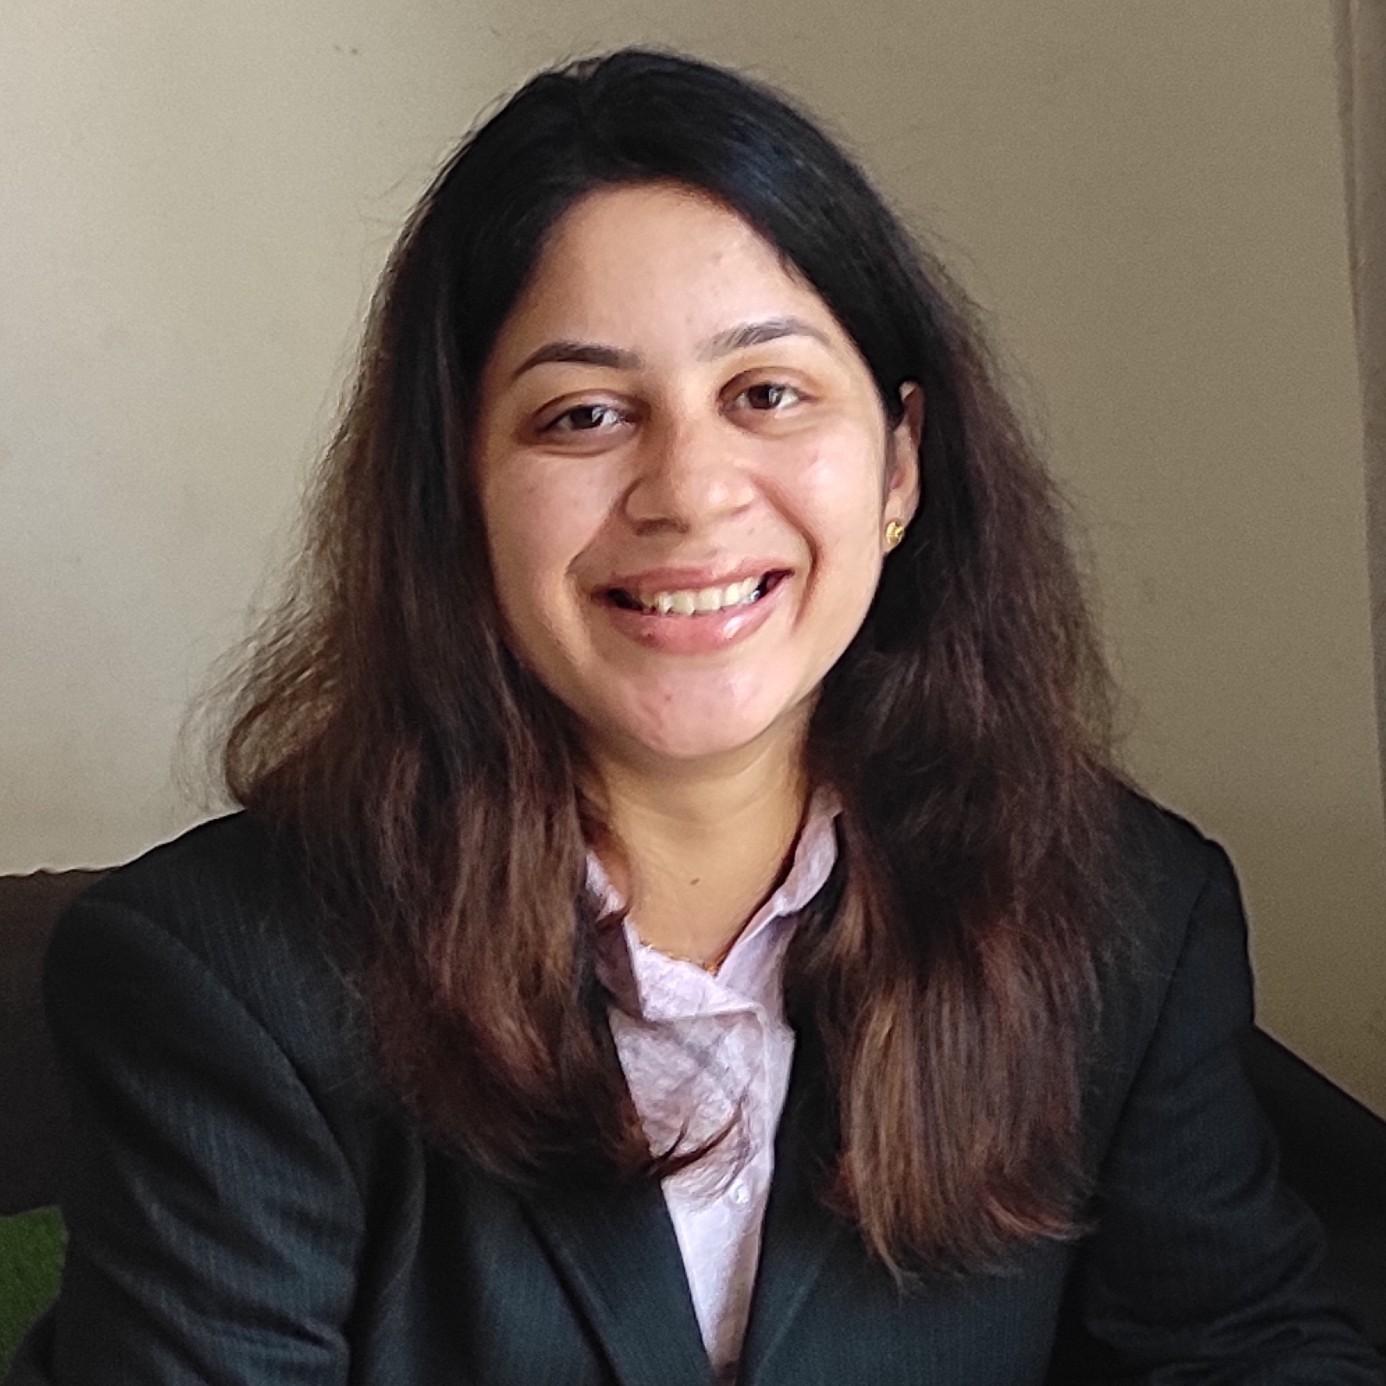 Neha Gadkari